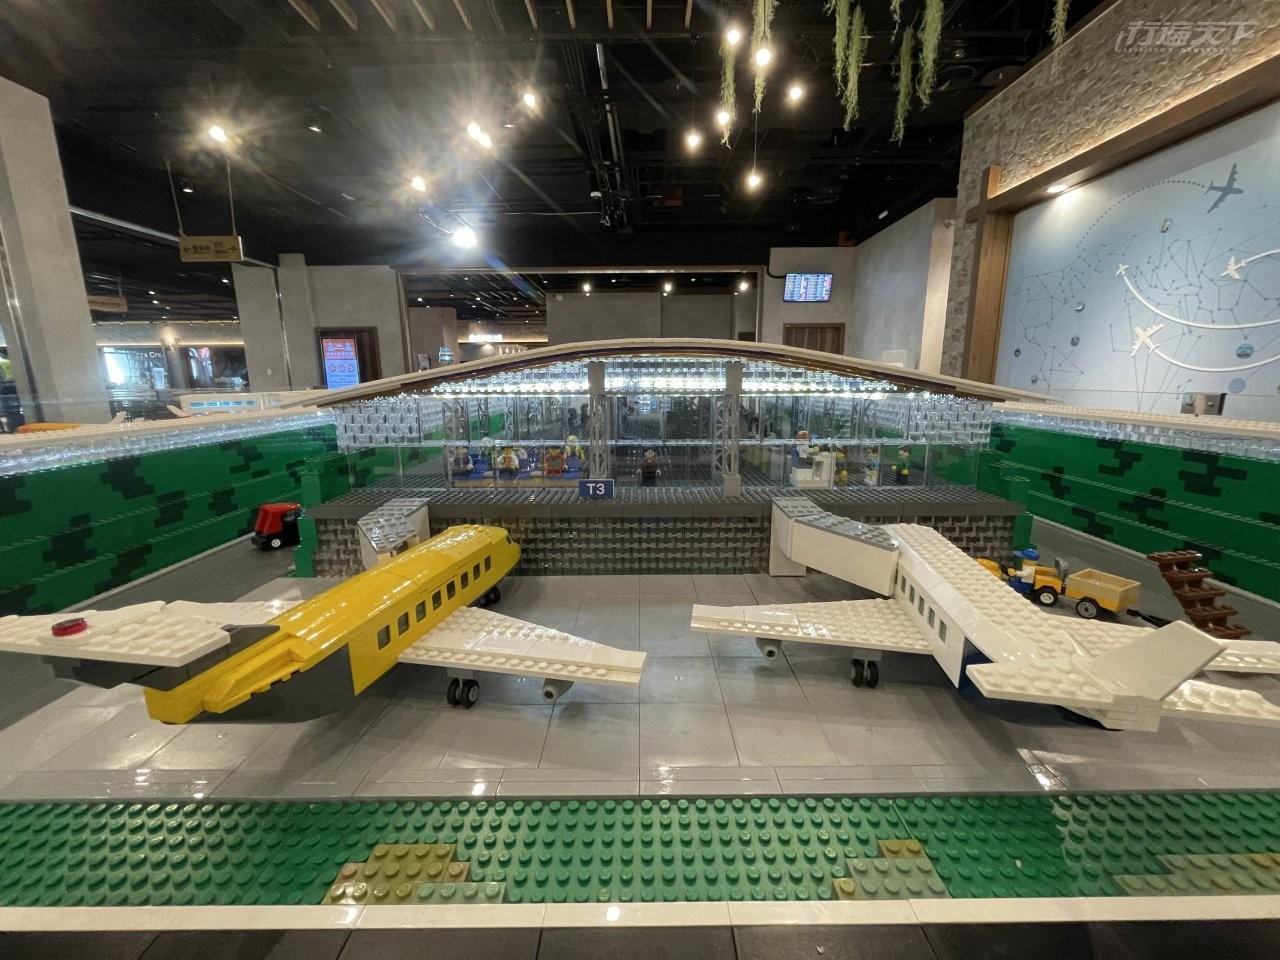 ▲等待檢疫結果期間,還可以欣賞昇恆昌在機場的藝術裝置,目前展示的樂高展,甚至把第三航廈模樣都造出。